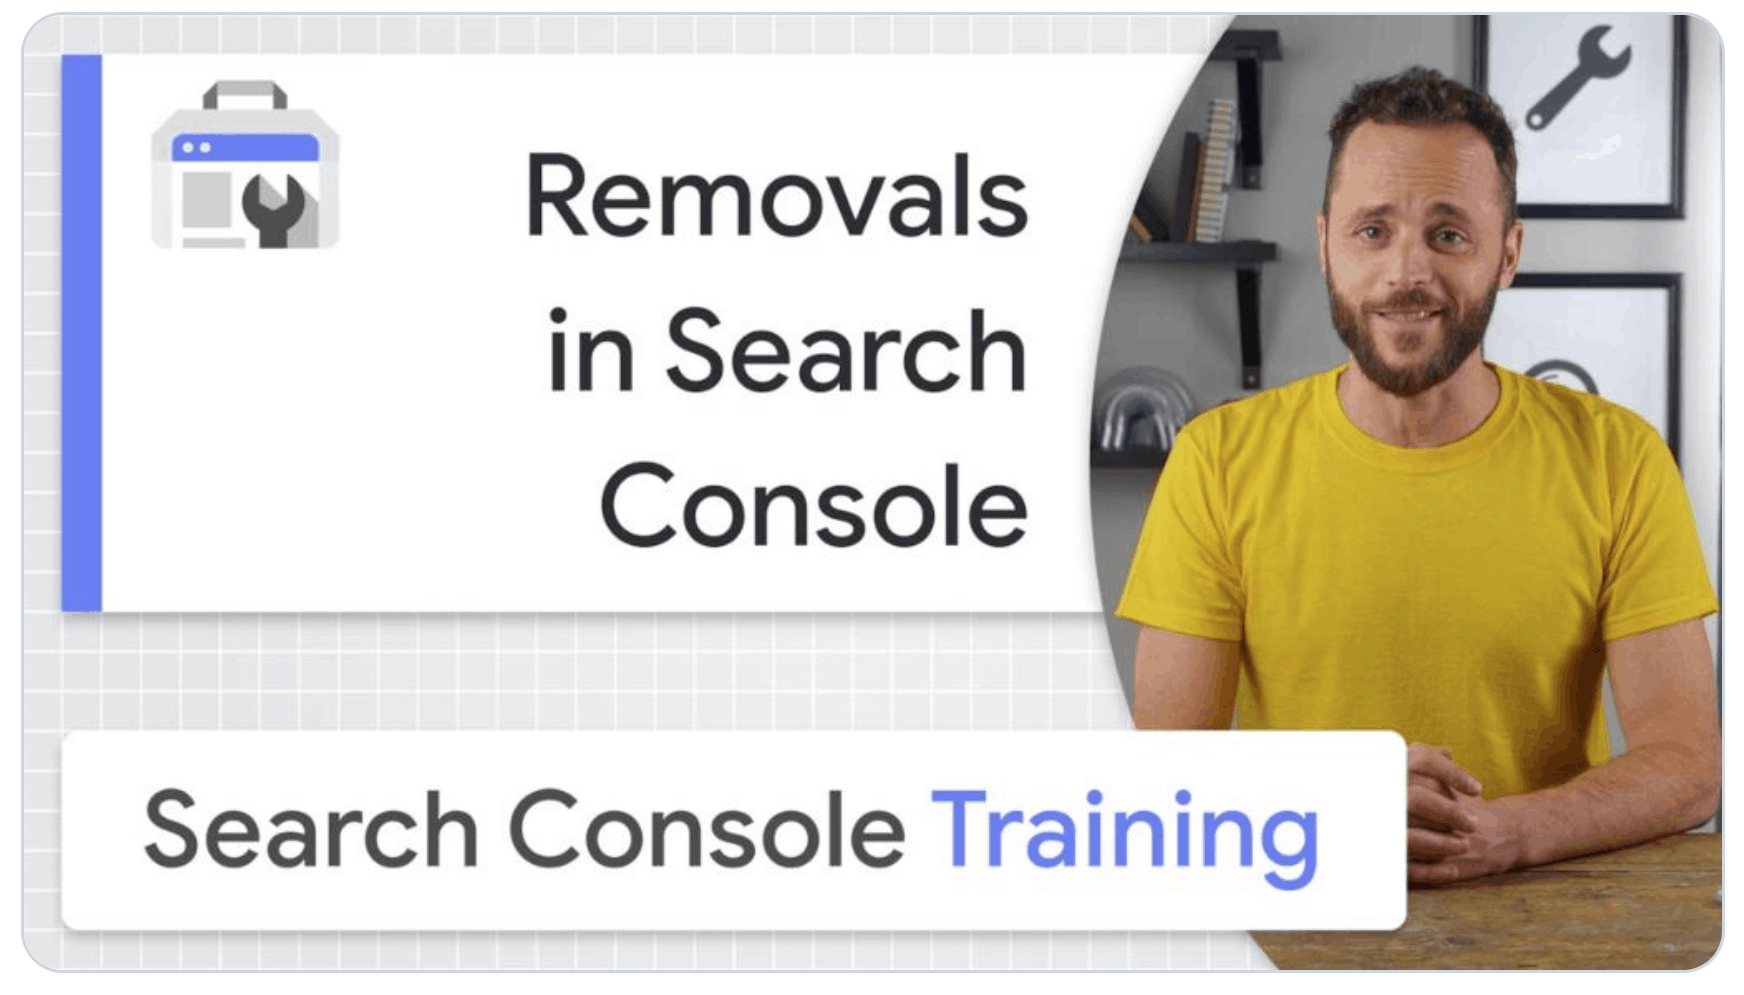 طريقة استخدام أداة إزالة عناوين URL في Search Console - فيديو توضيحي